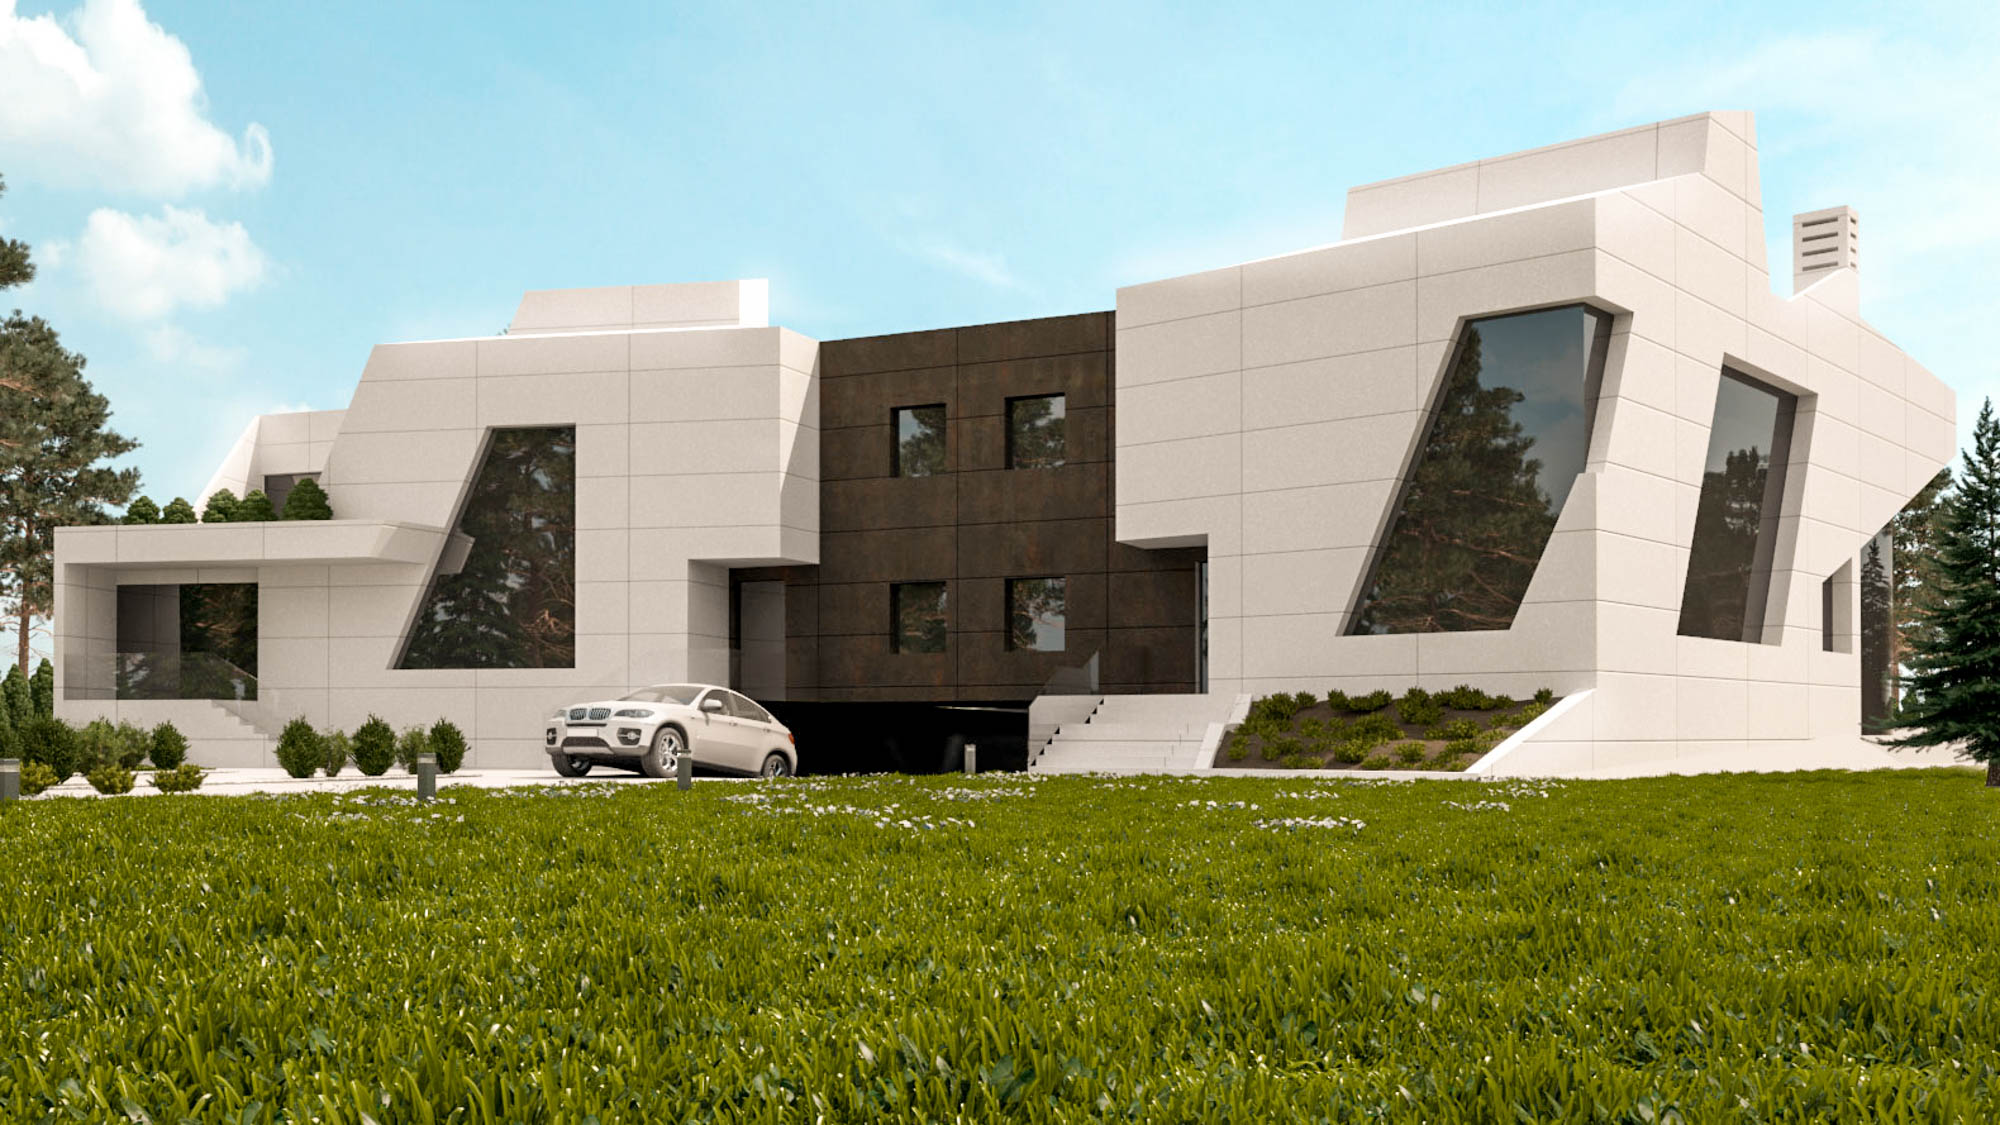 Proyecto de dos viviendas unifamiliares adosadas